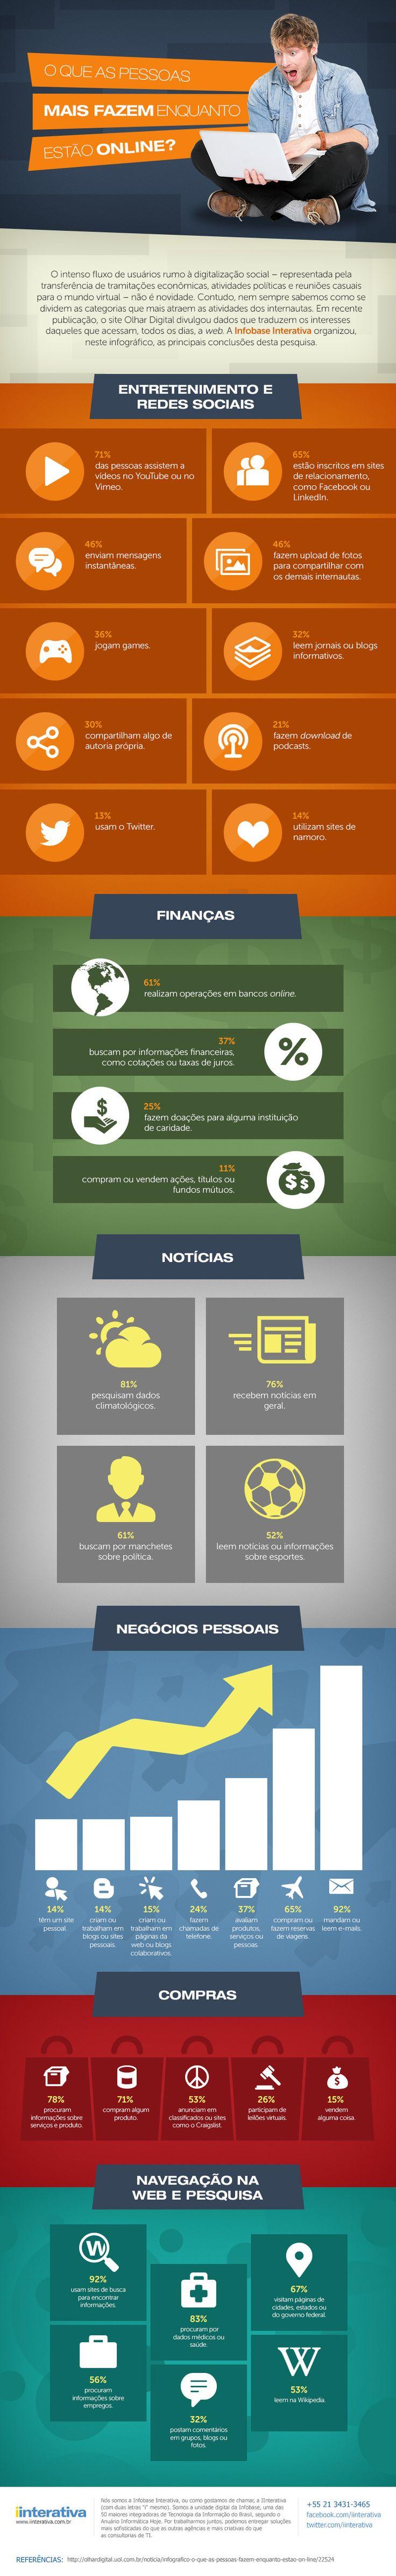 [Infográfico] O que as pessoas mais fazem enquanto estão online? - Krix Apolinário